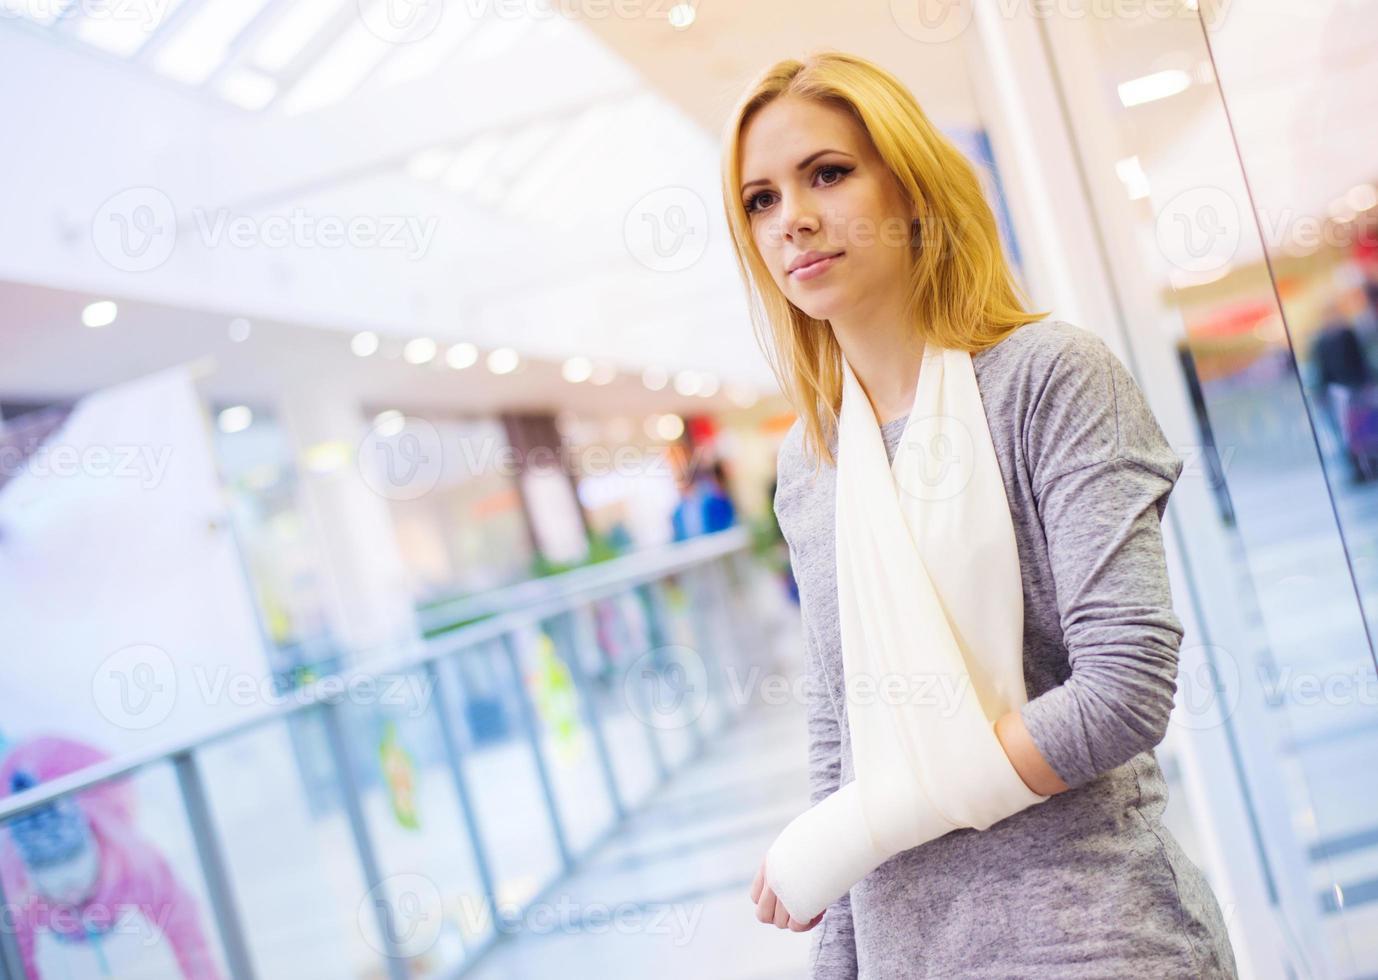 femme avec bras cassé photo